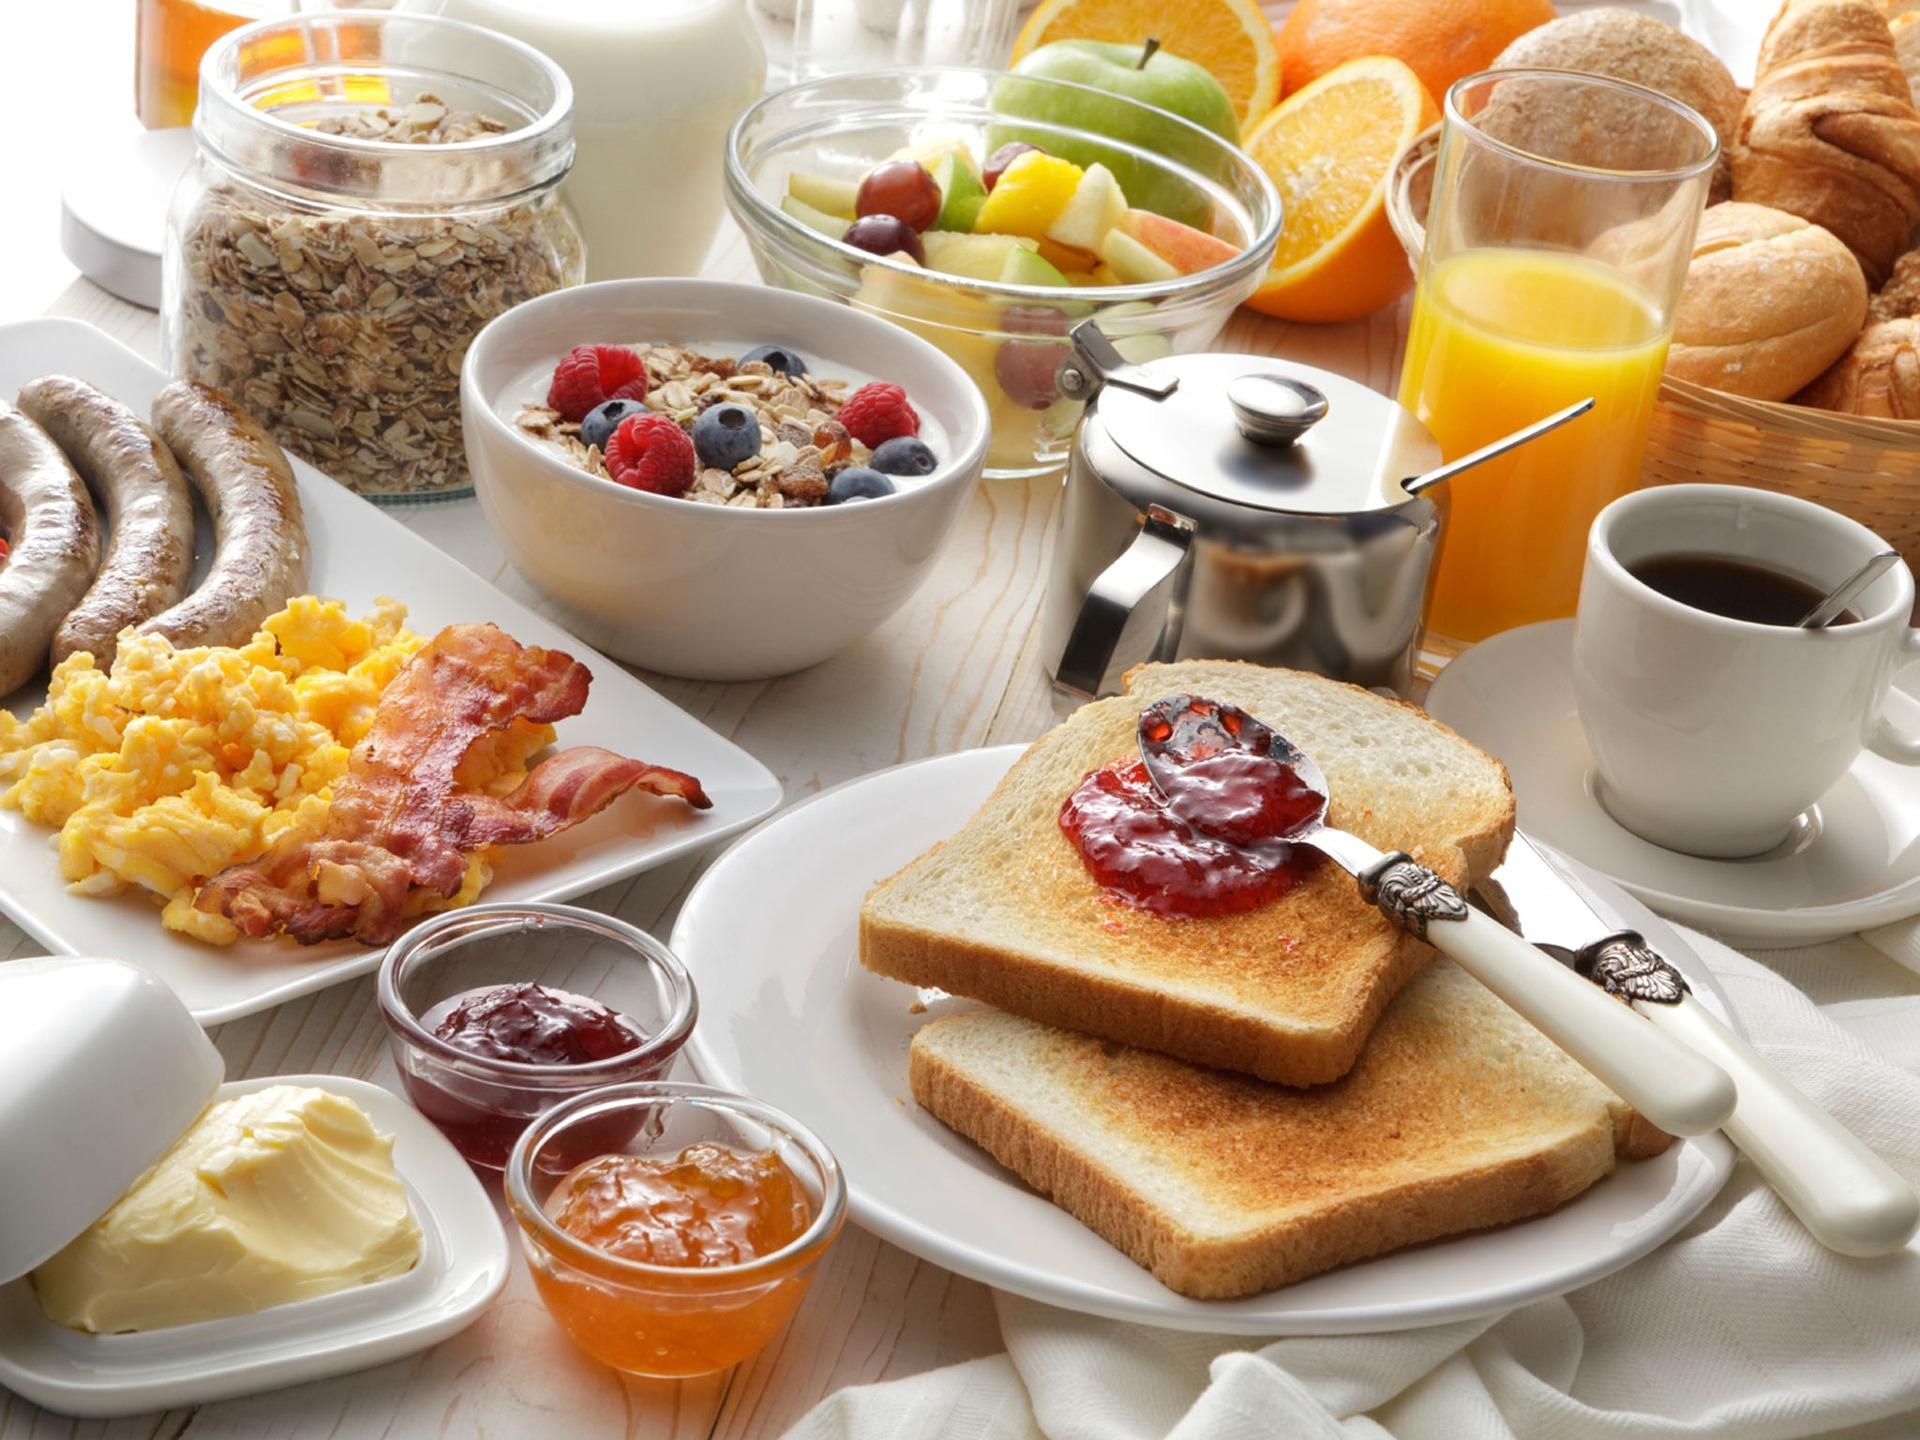 Los secretos para hacer que tu desayuno sea completo y saludable